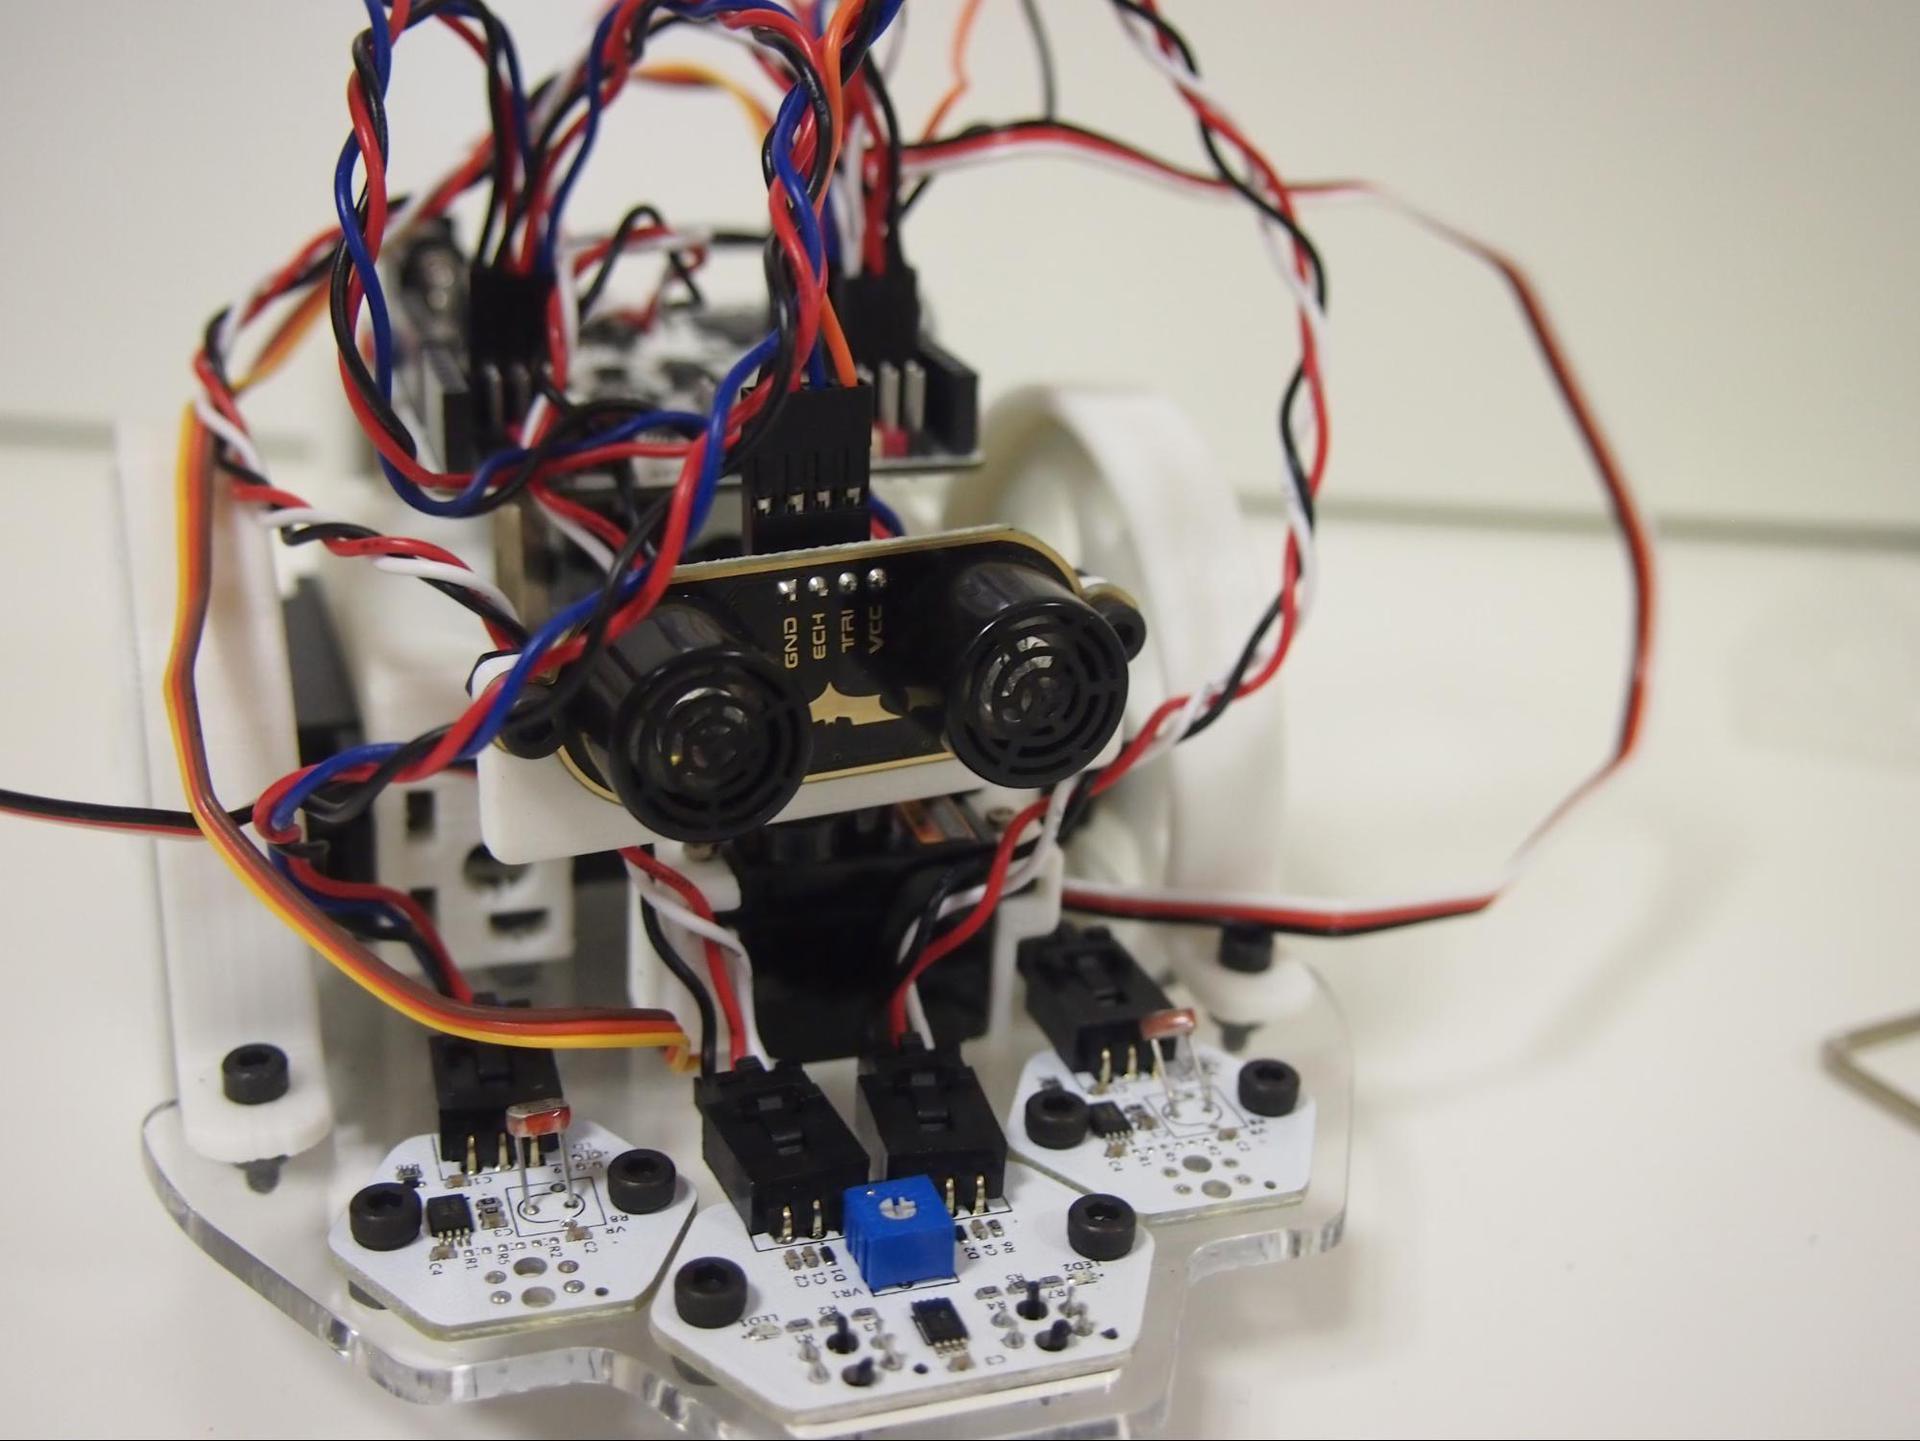 DIY Робот или эволюция в комплекте - 22